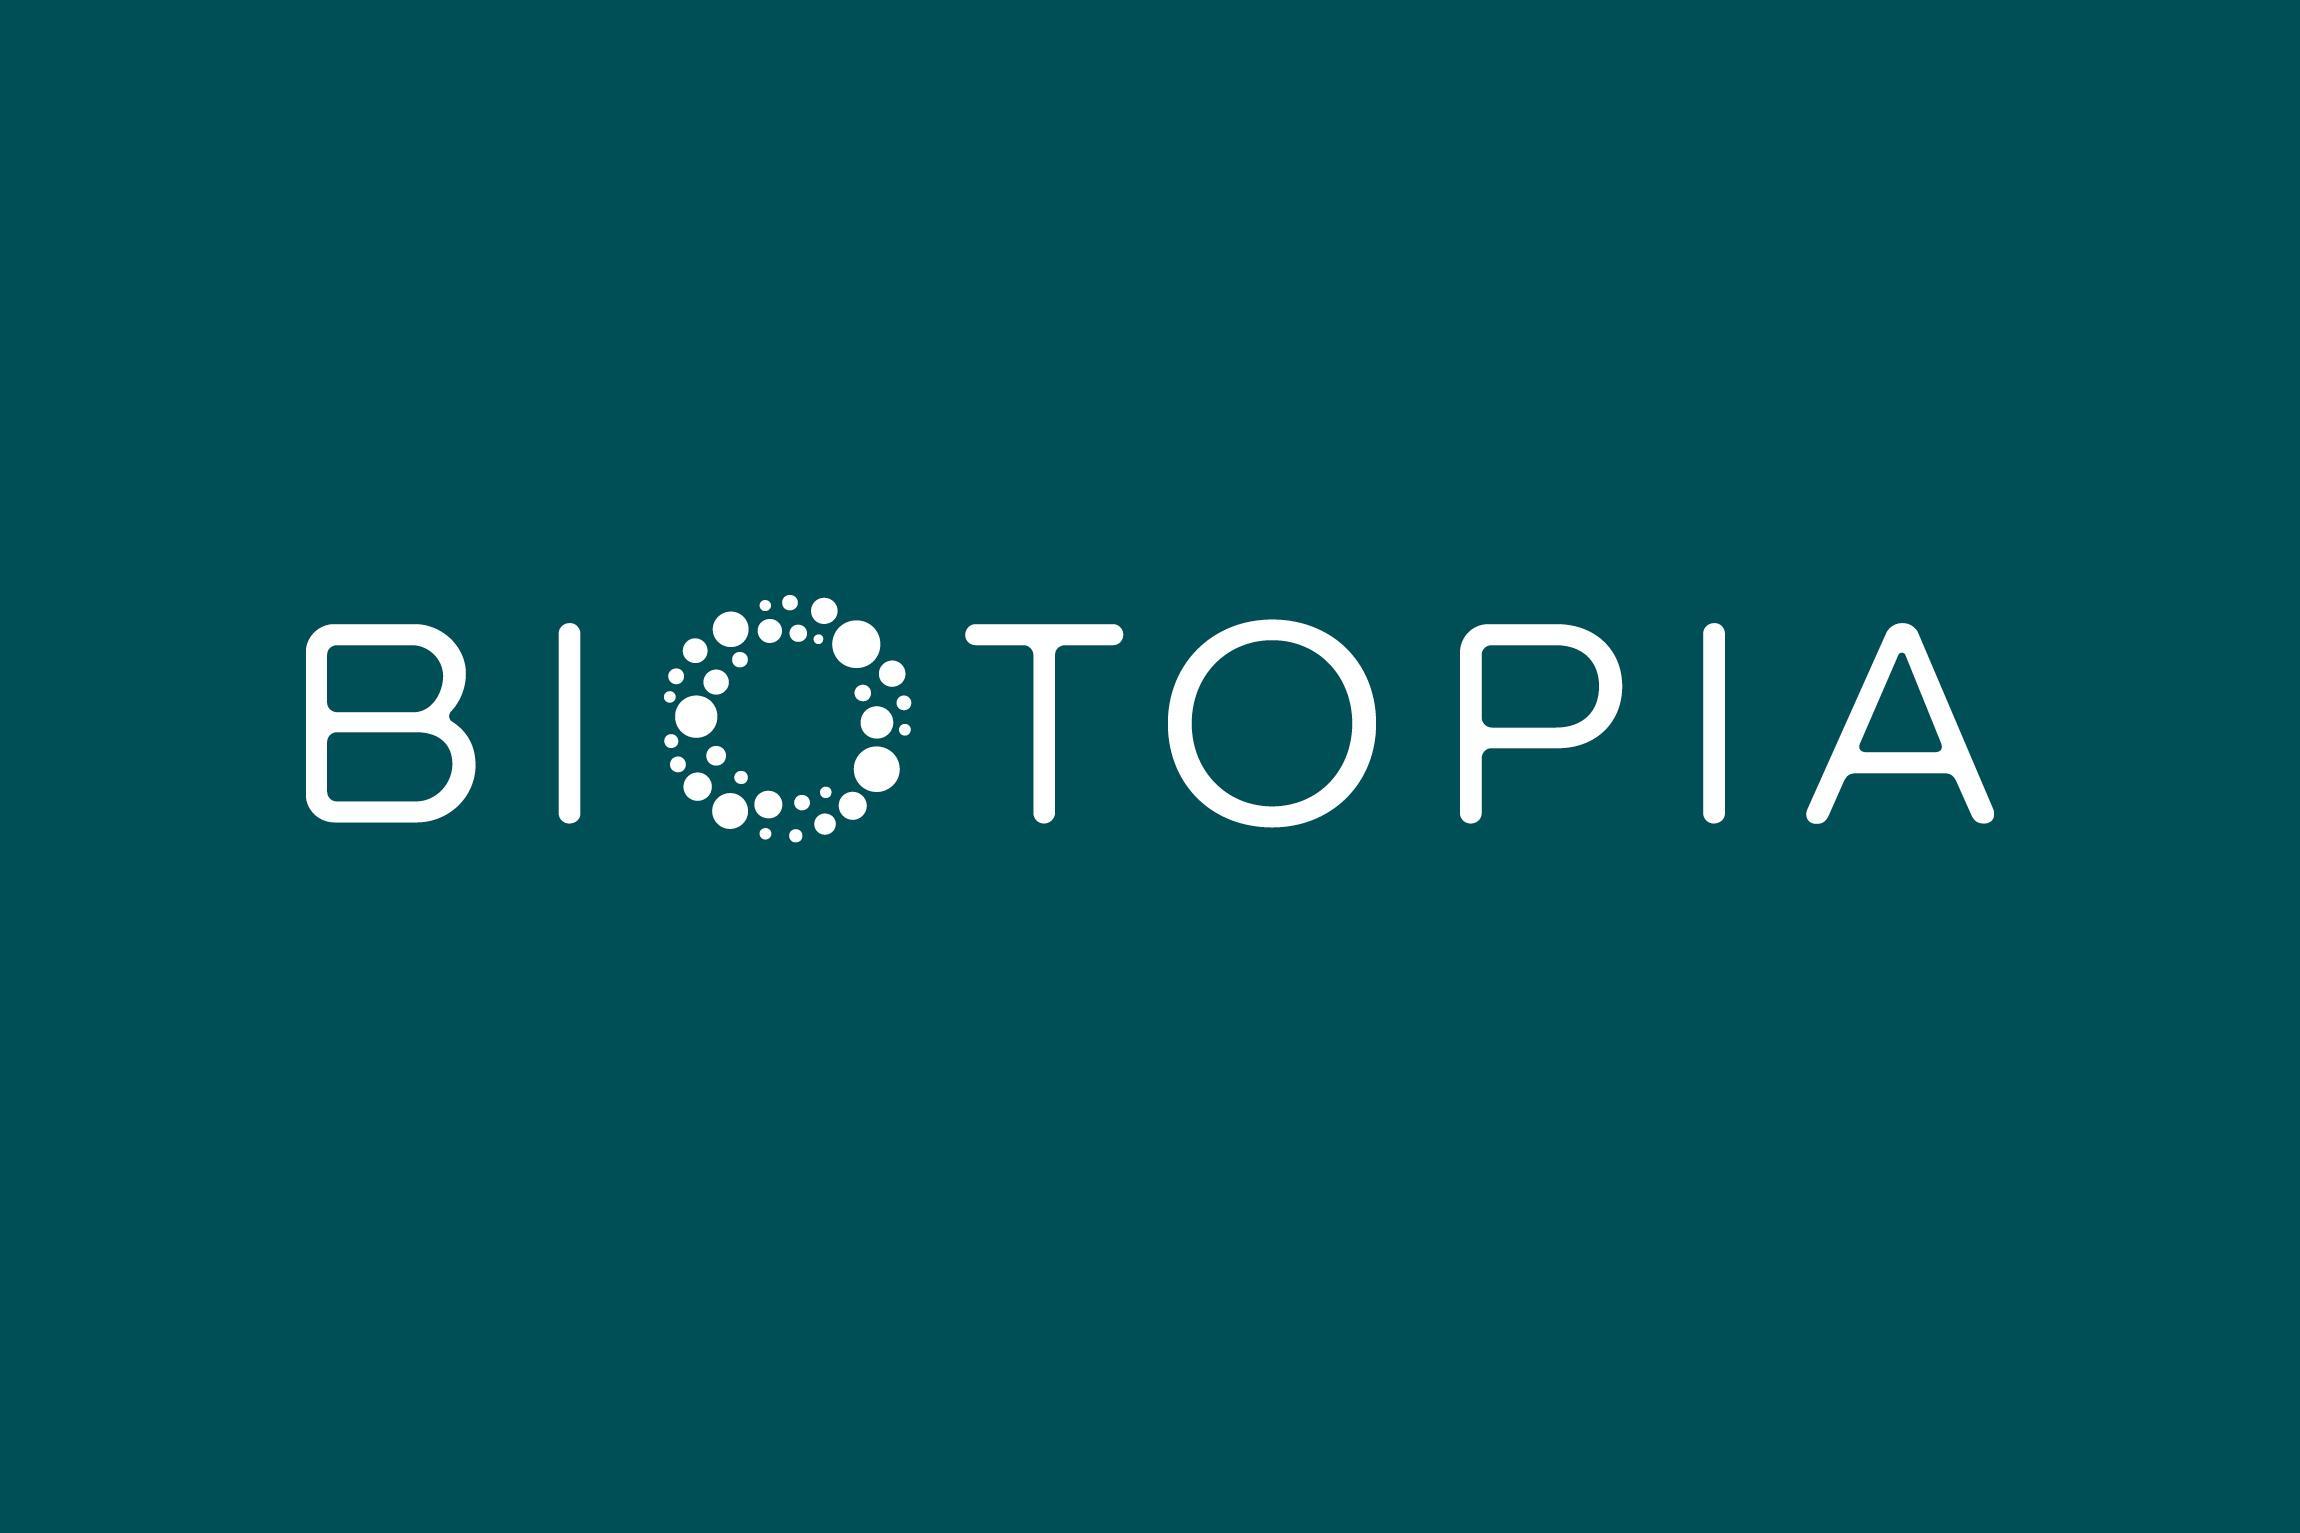 biotopia-museum-erscheinungsbild-brand-story-02.jpg